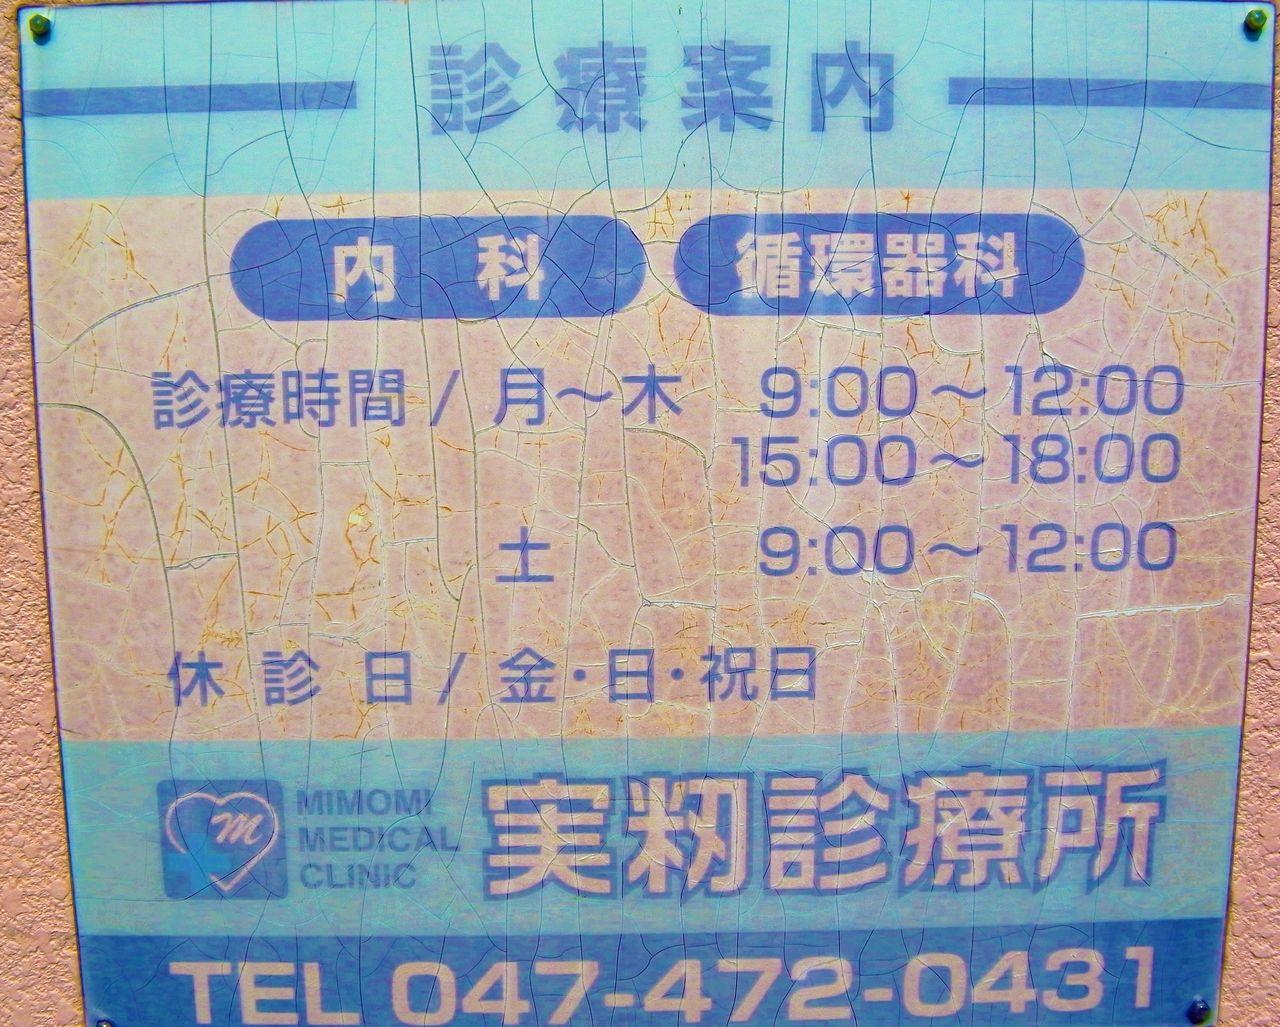 実籾の内科「実籾診療所」